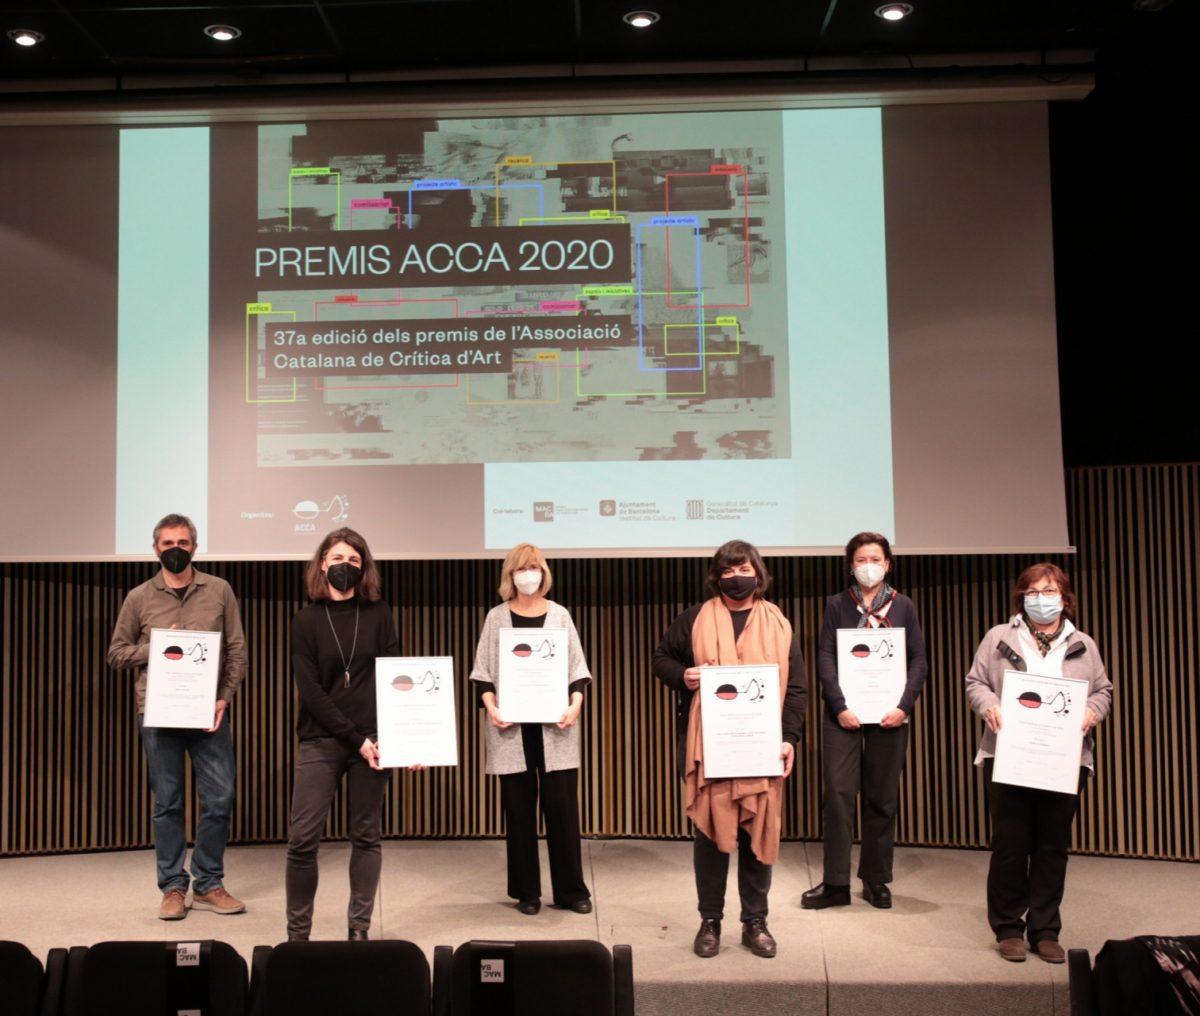 Ganadores de los premios ACCA 2020 durante la ceremonia de entrega